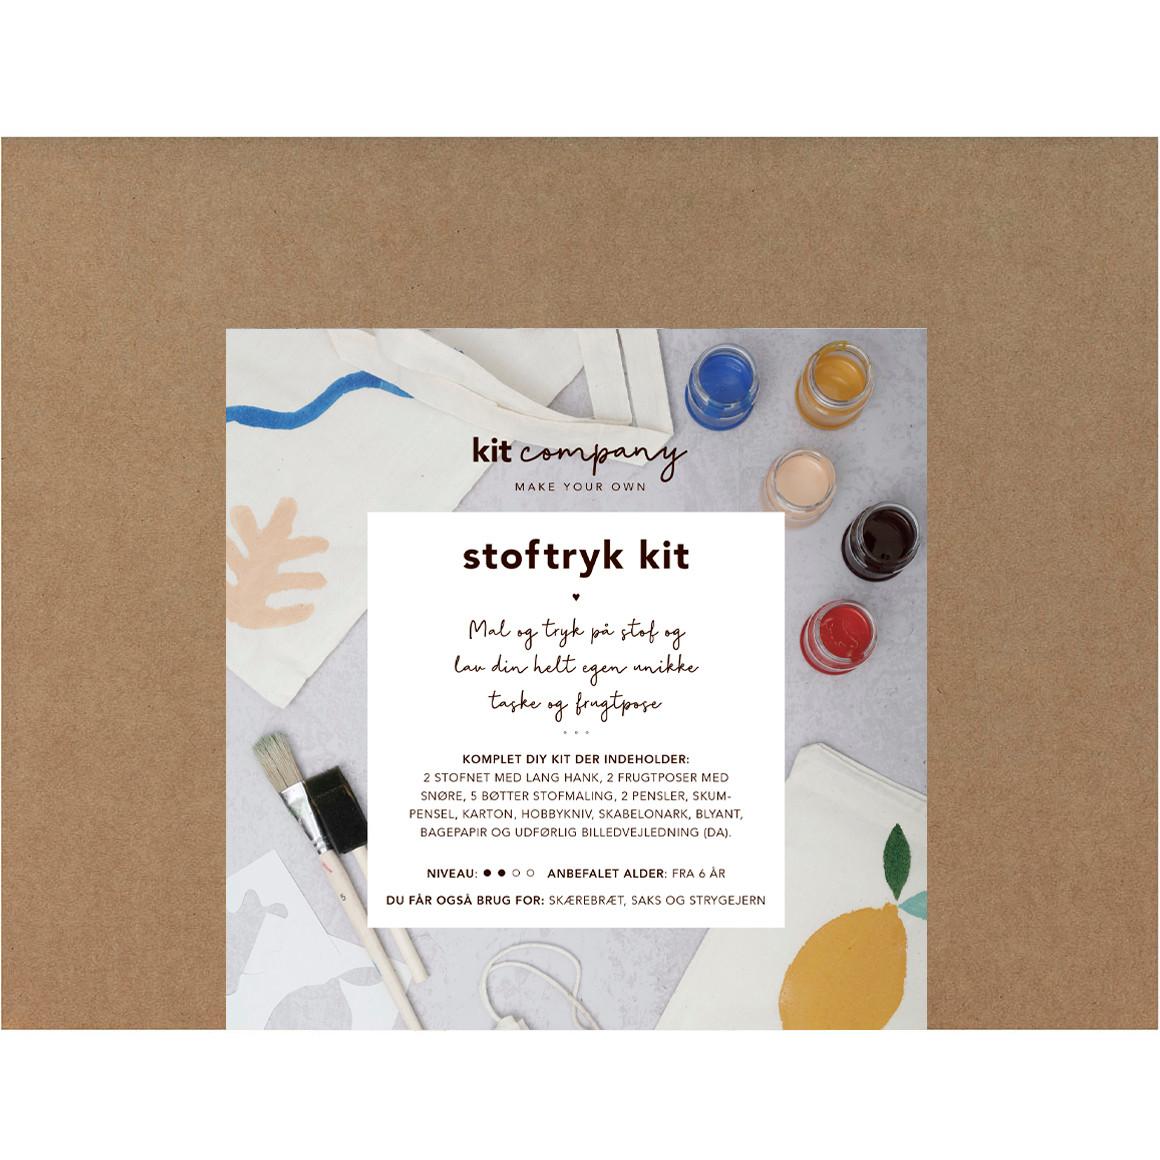 Kit Company Stoftryk Kit